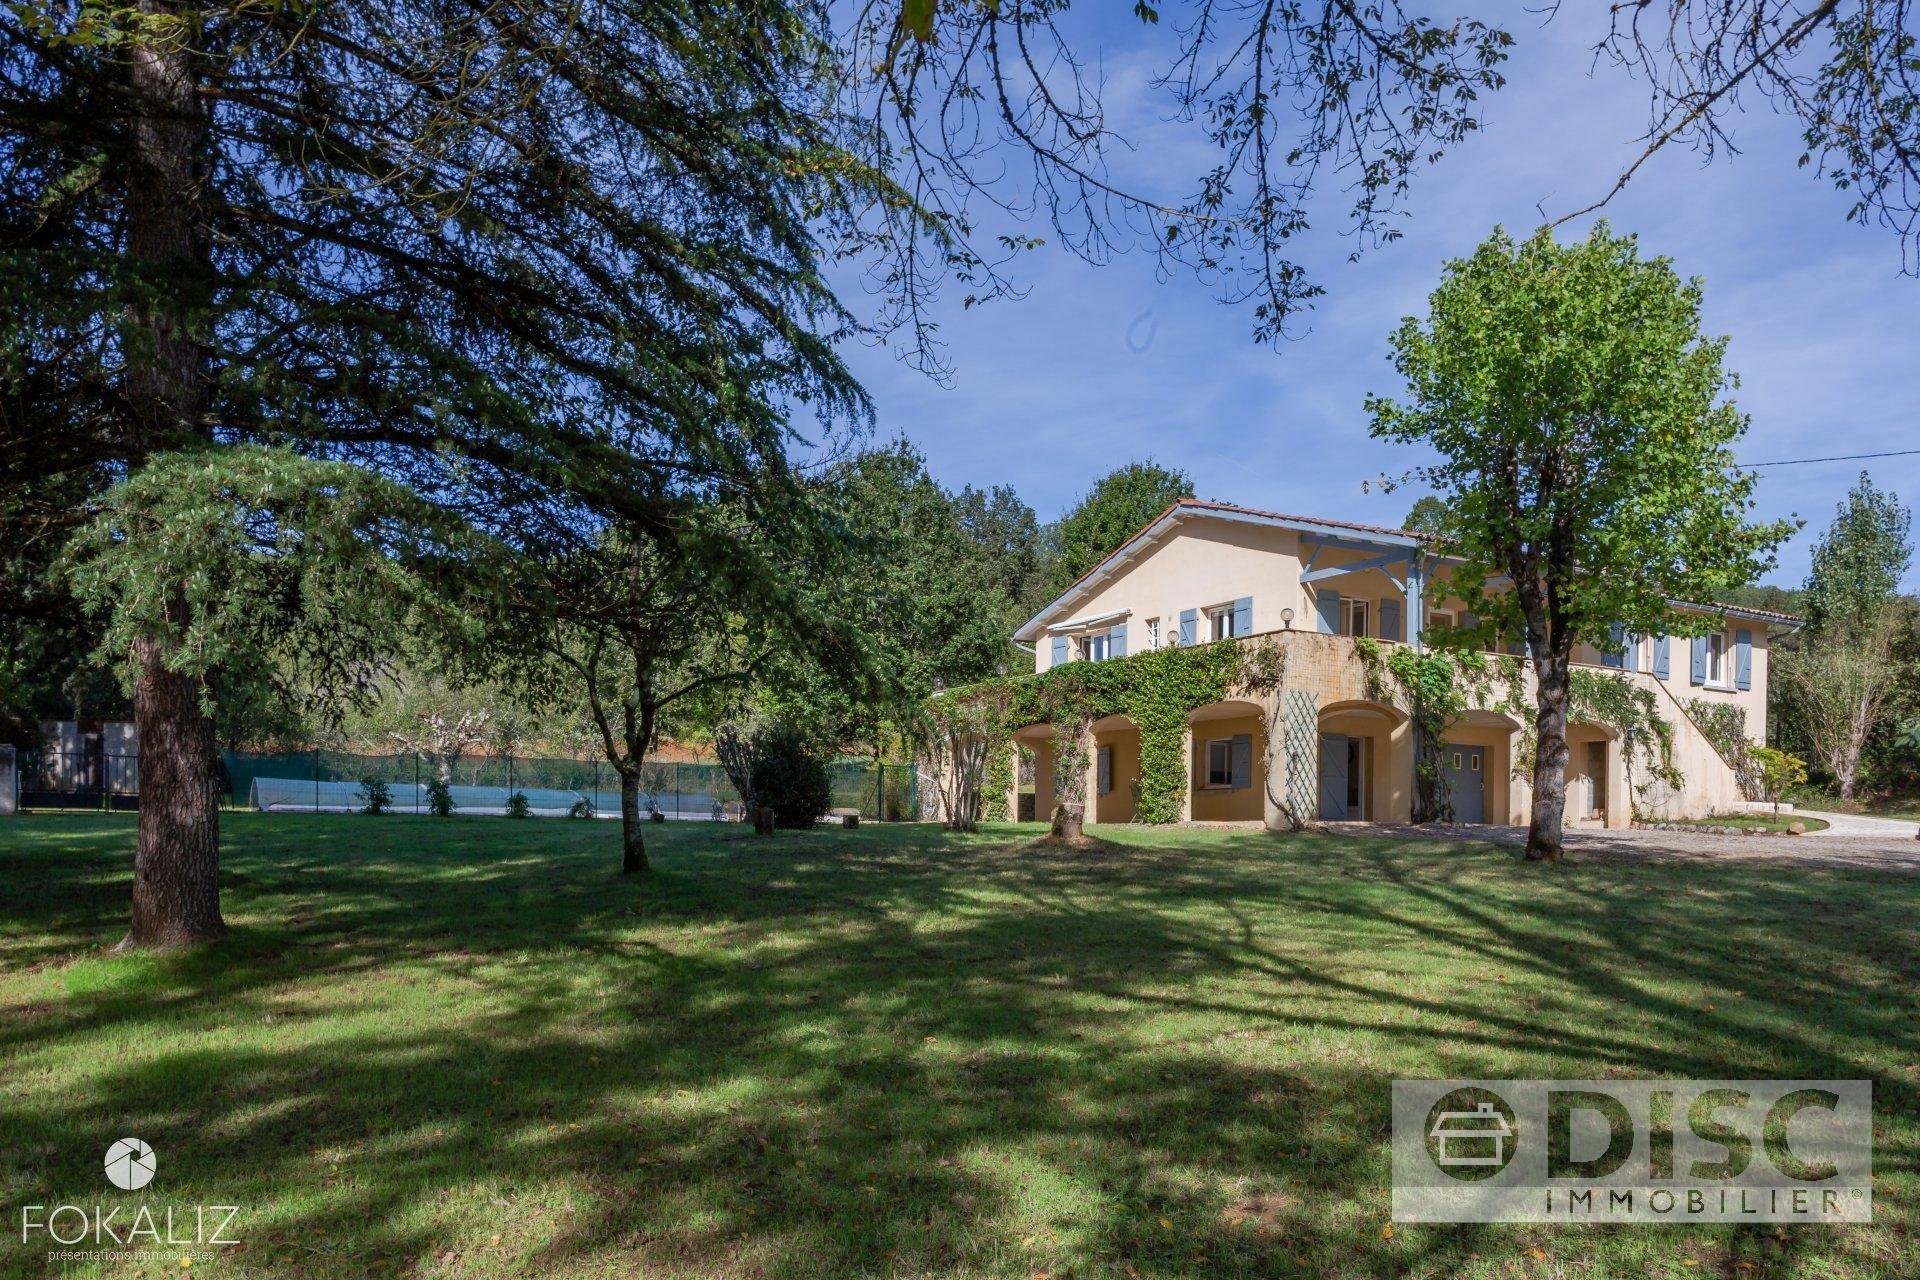 Belle maison avec grand jardin et piscine